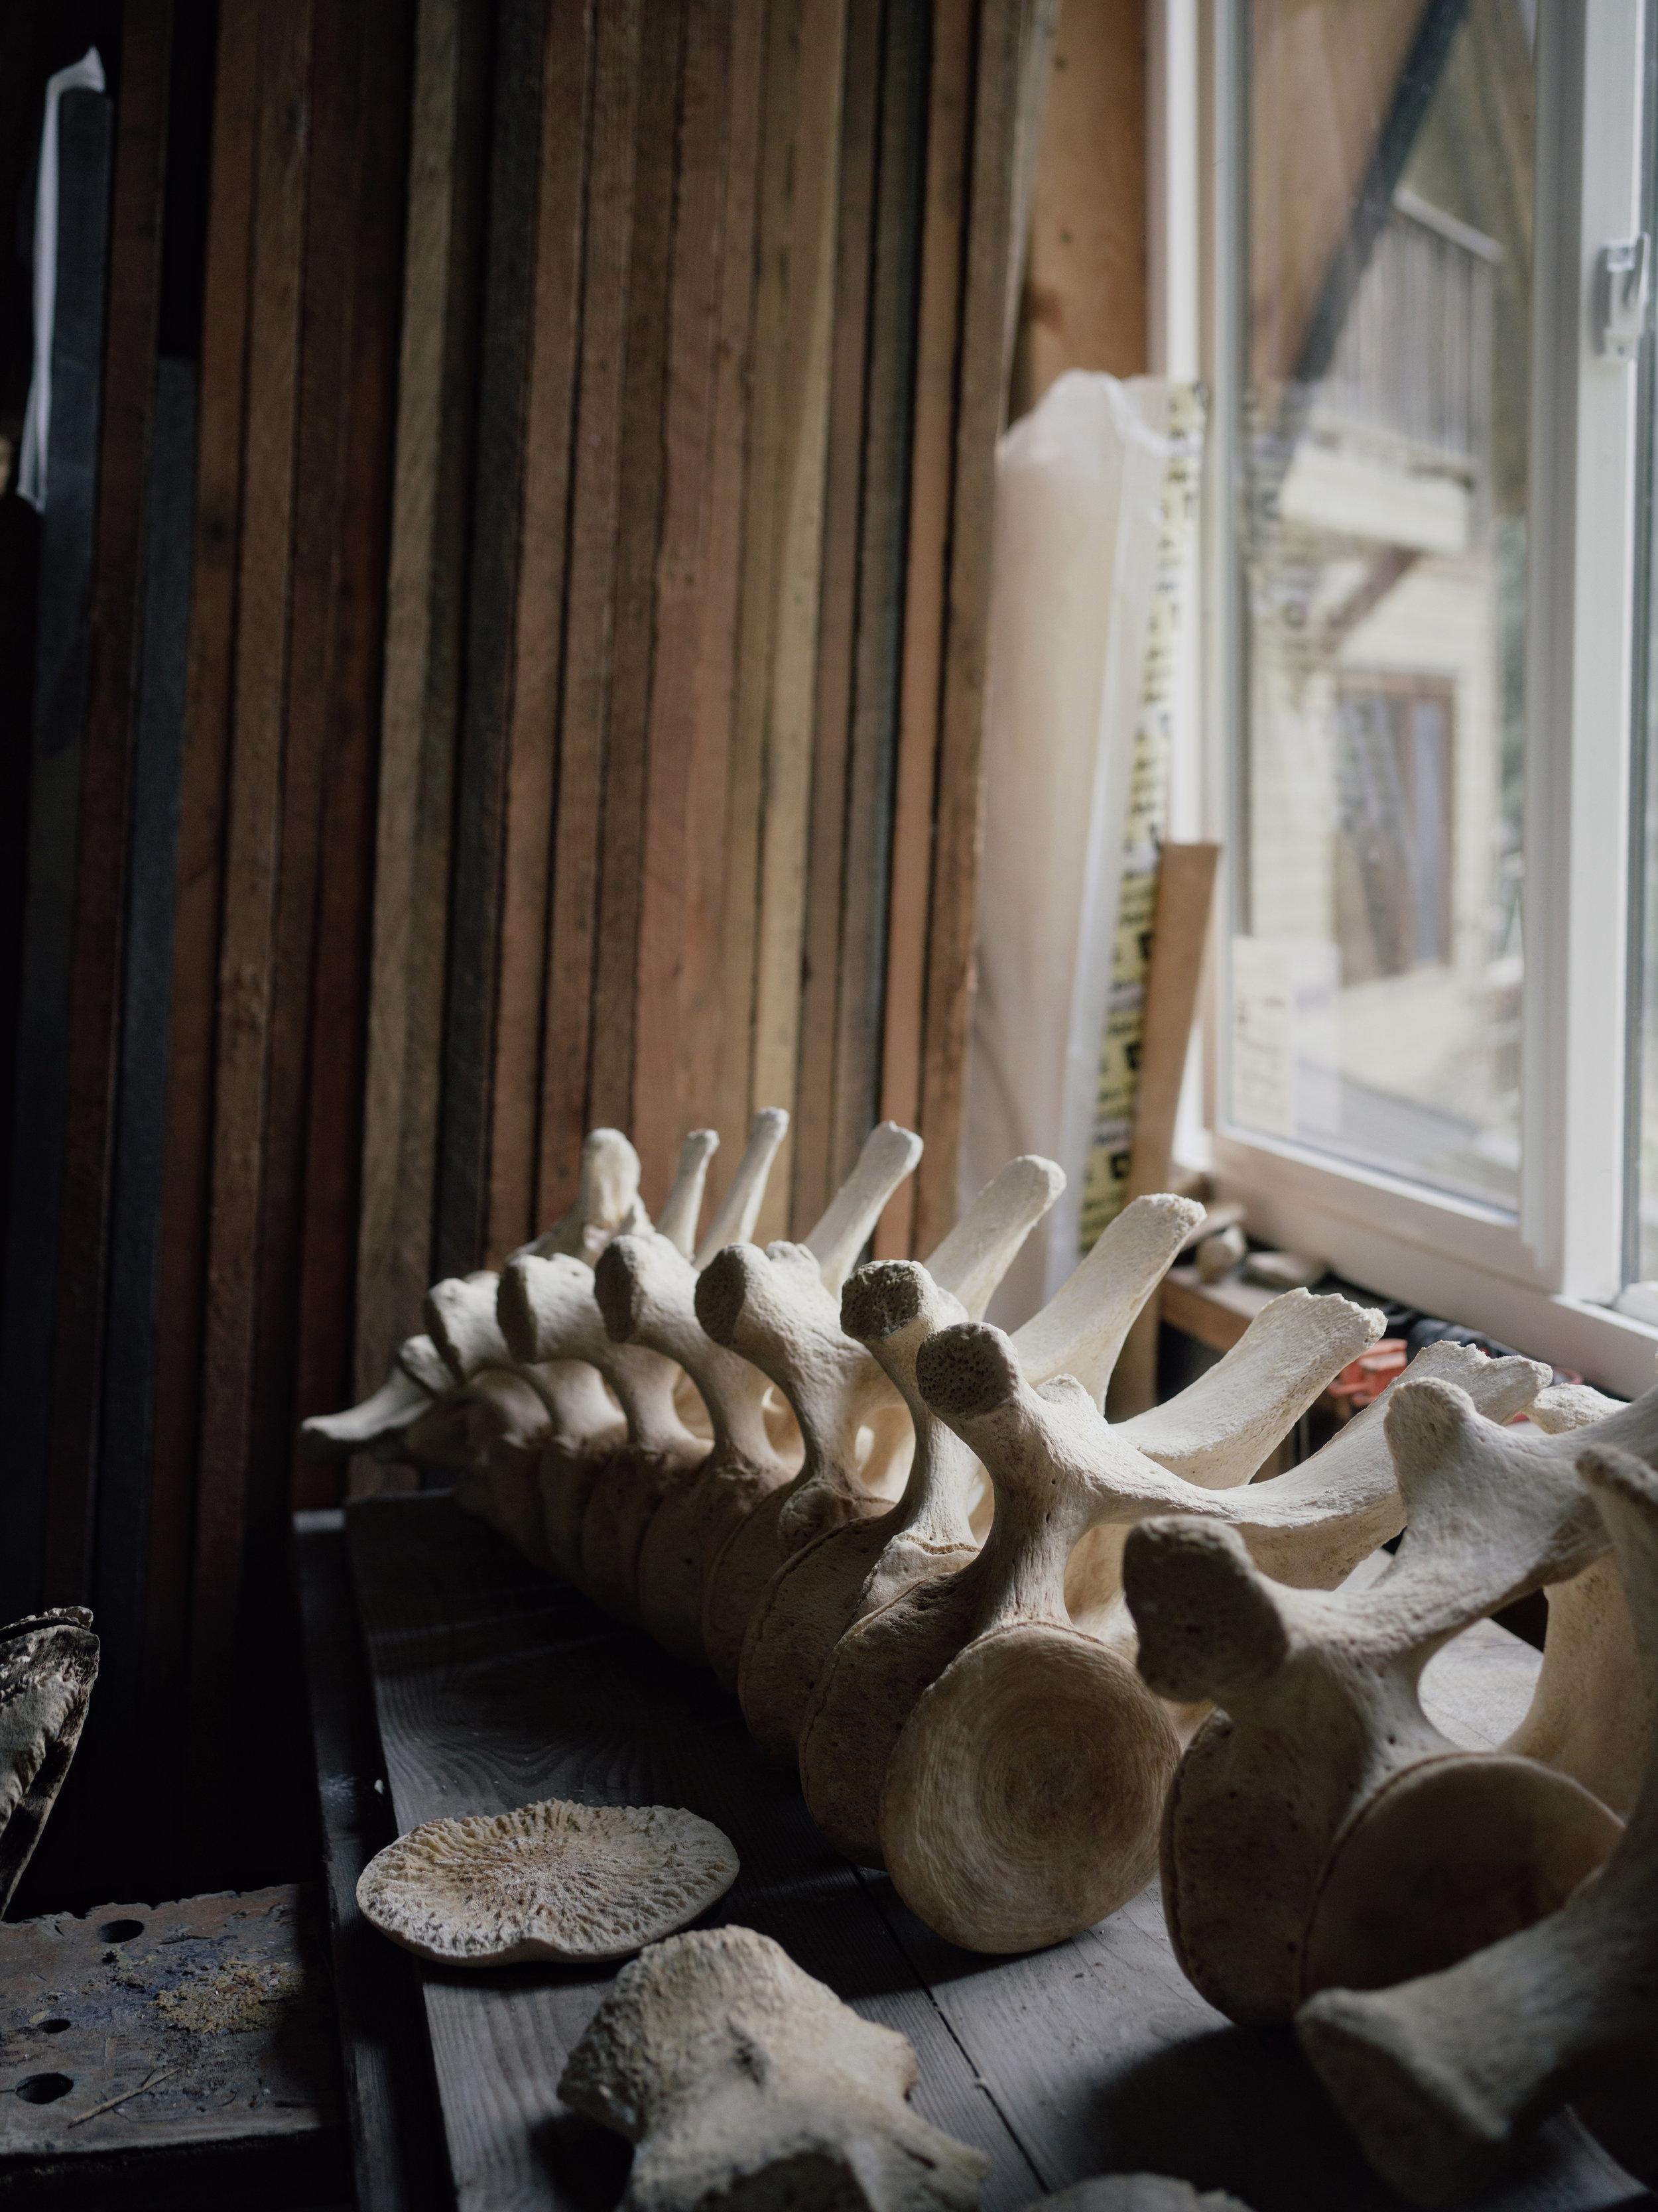 whale-skeleton-photos-taylorroades0459.JPG